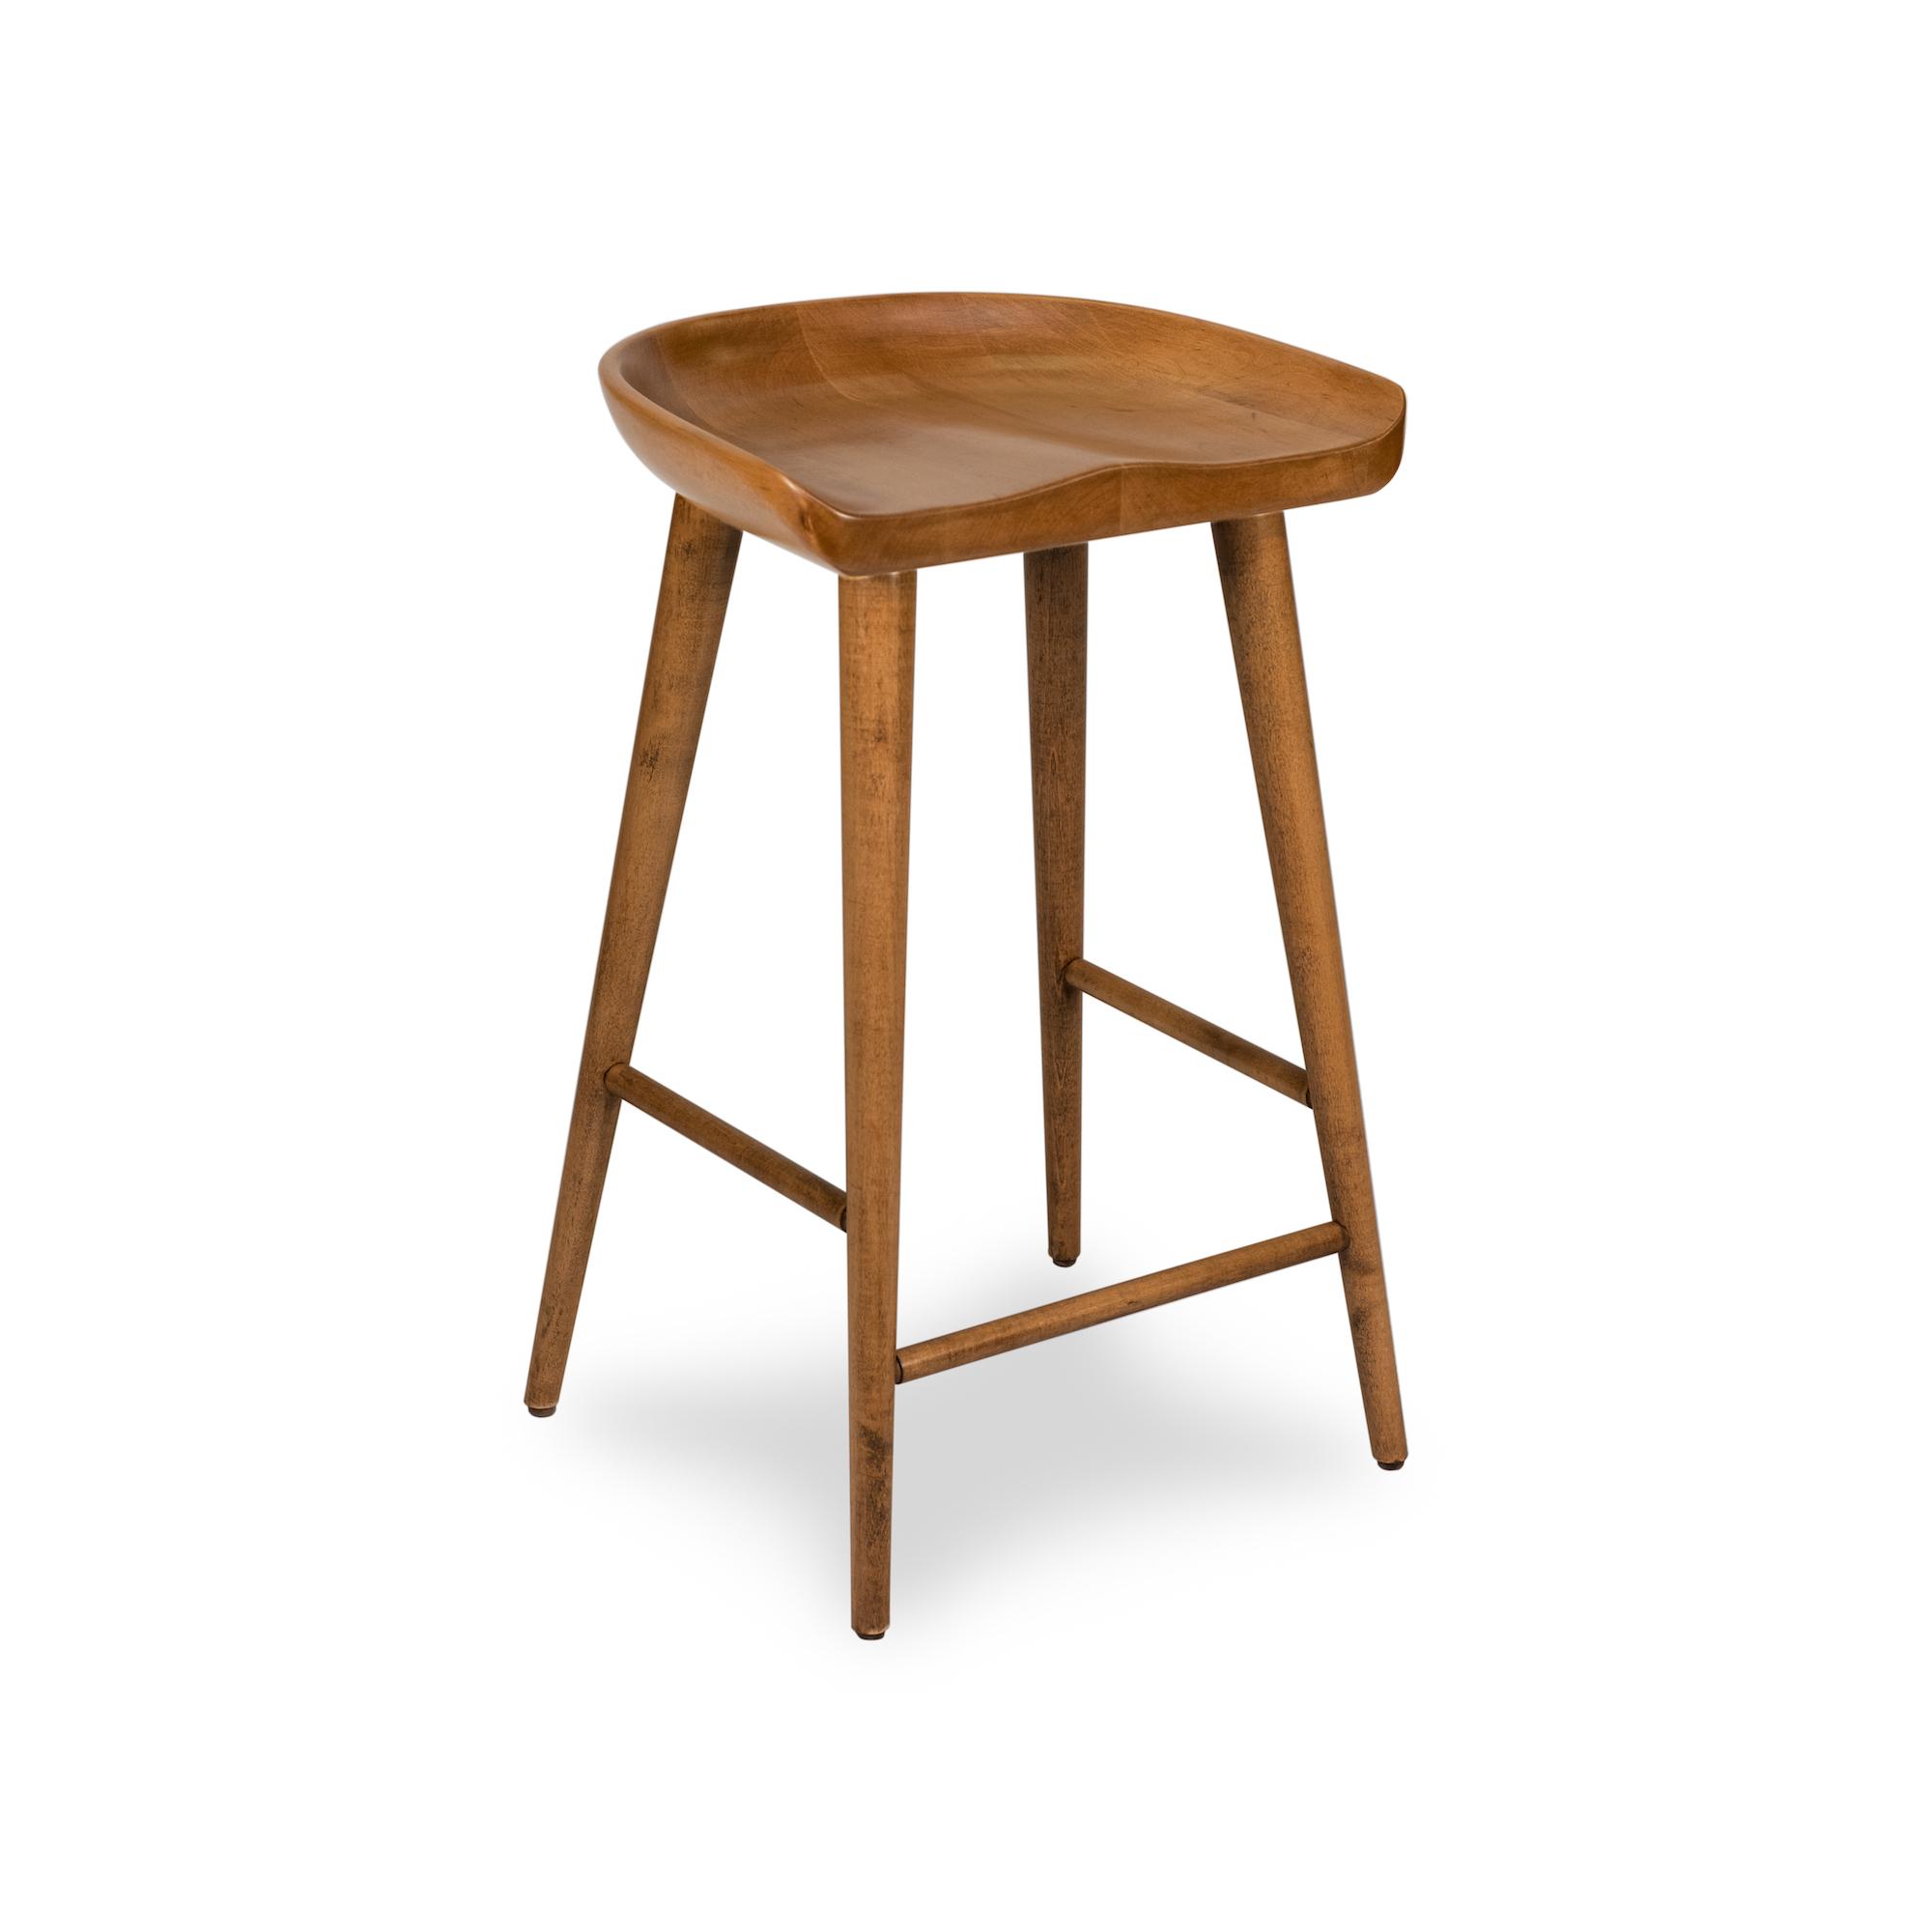 Woodcraft_Furniture_RocklynSideboardAlt-3